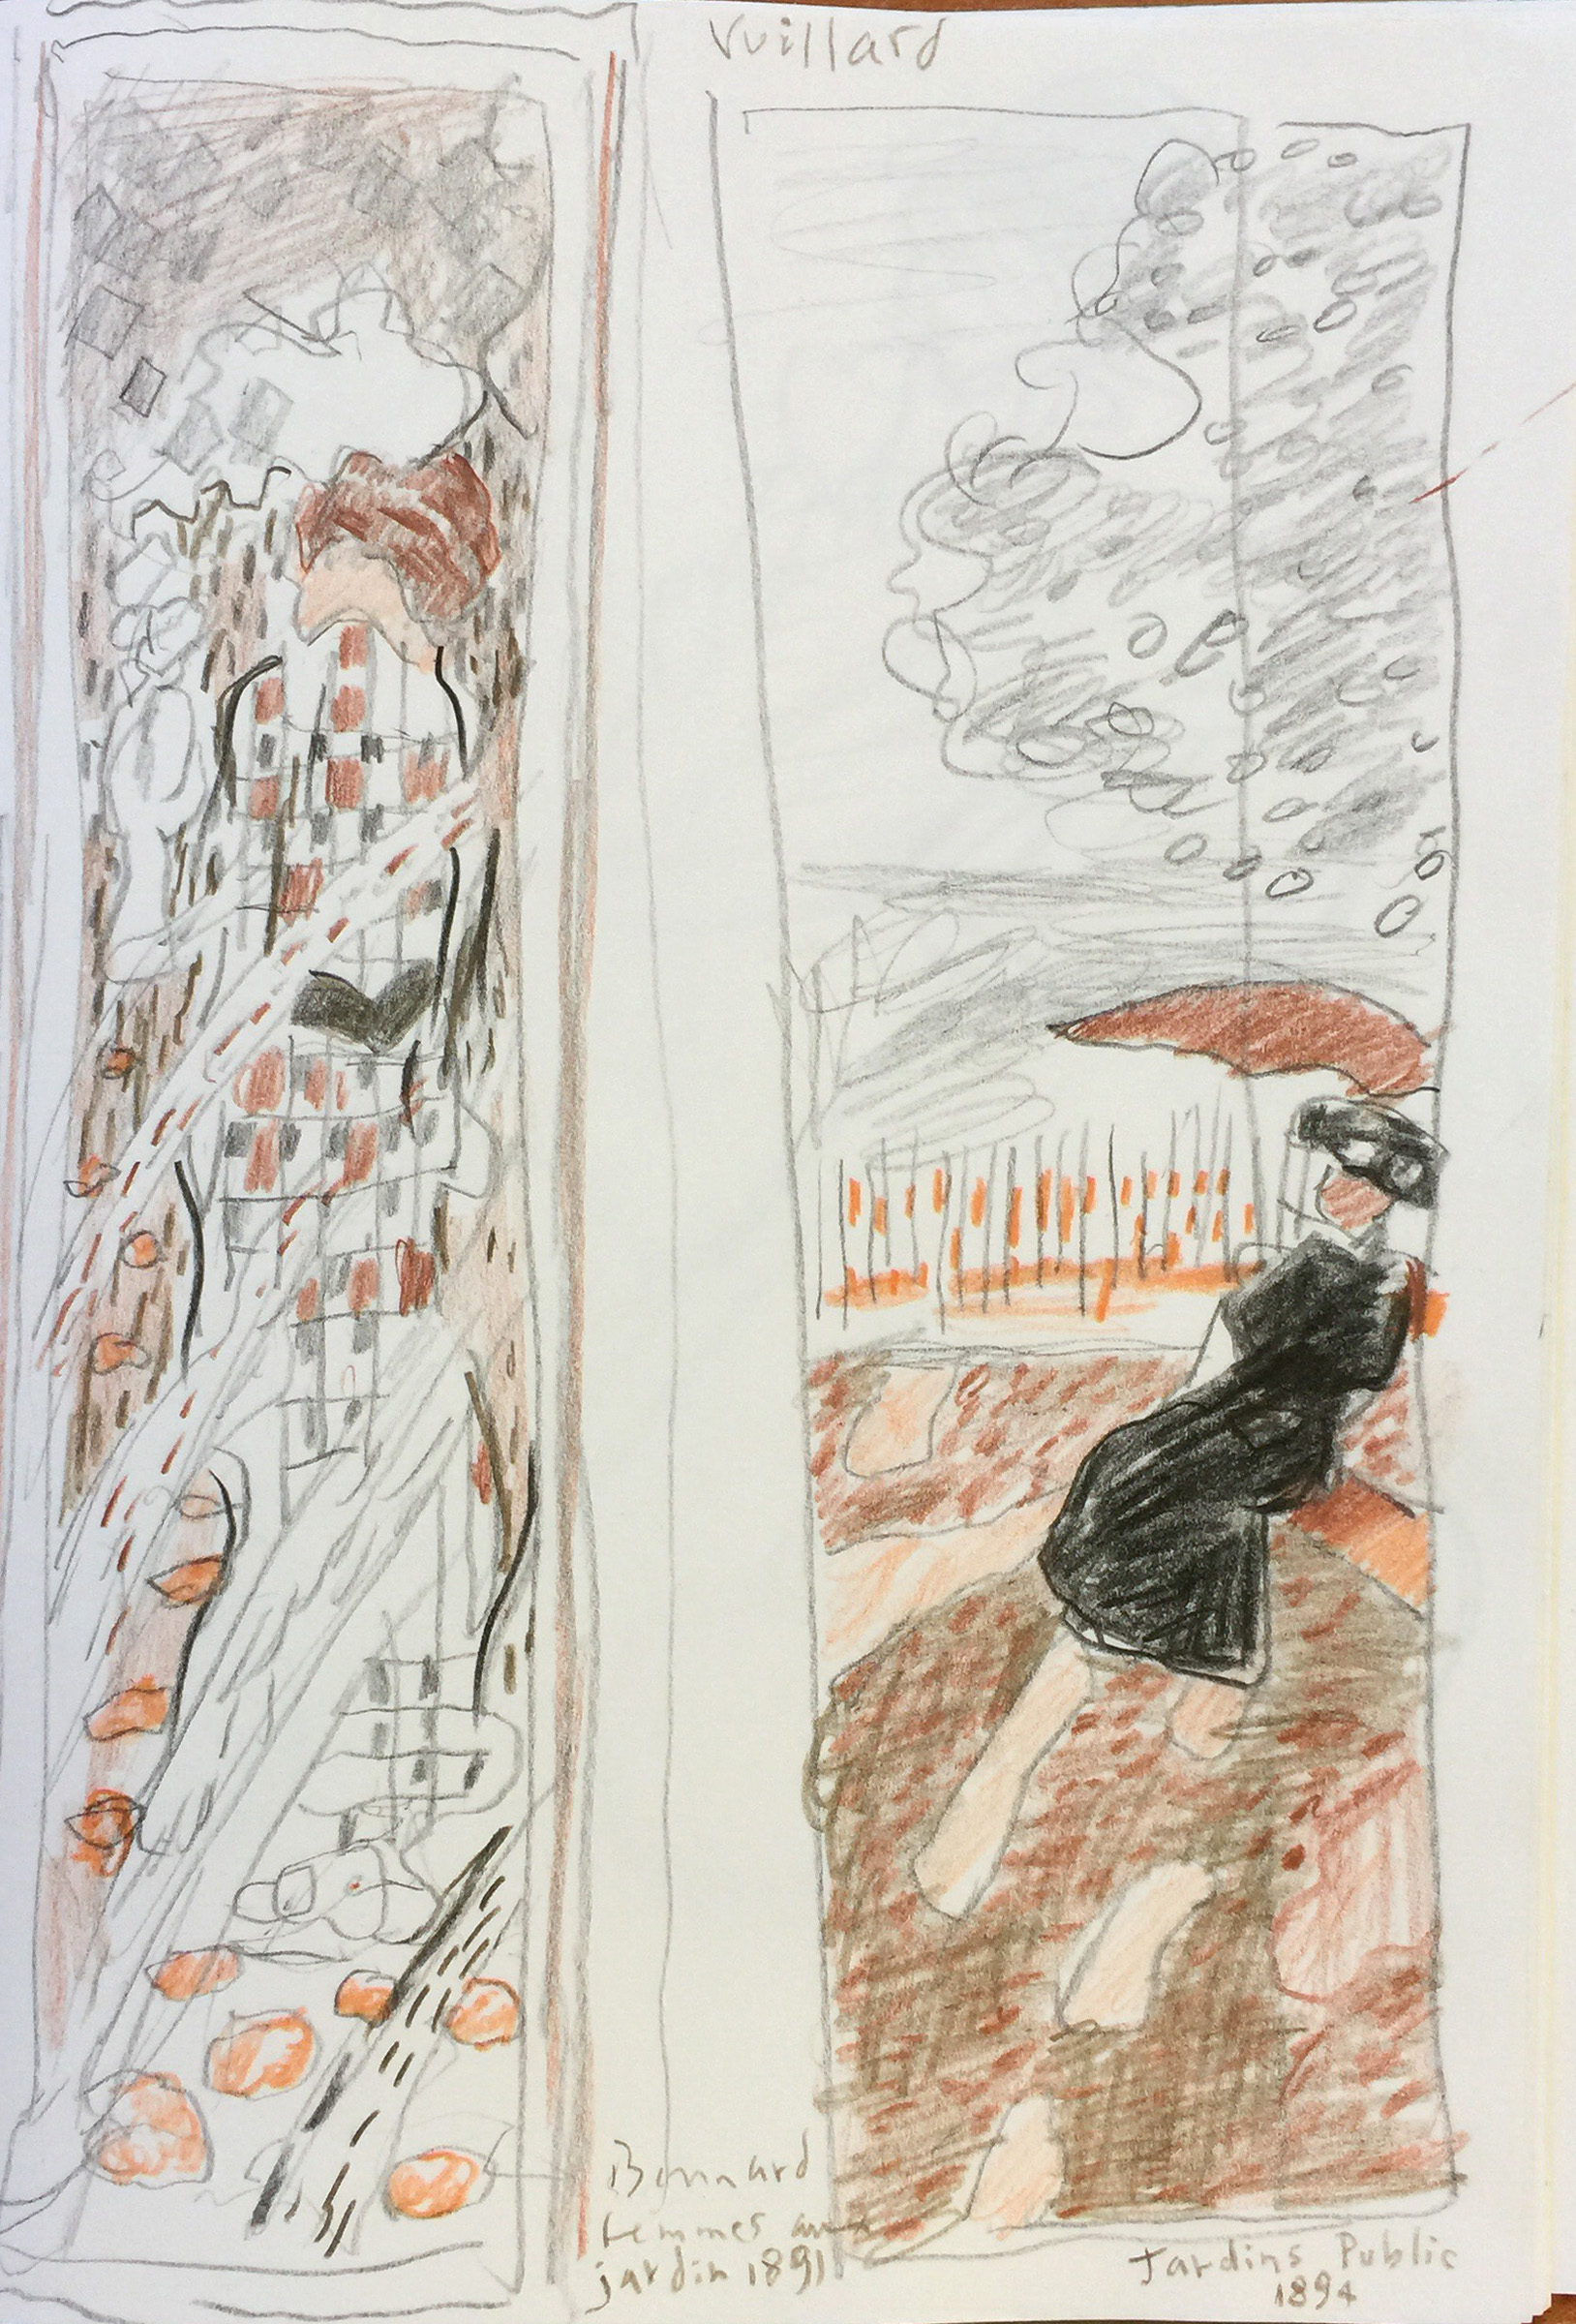 Study of Vuillard & Bonnard screens, Musée d'Orsay, Paris